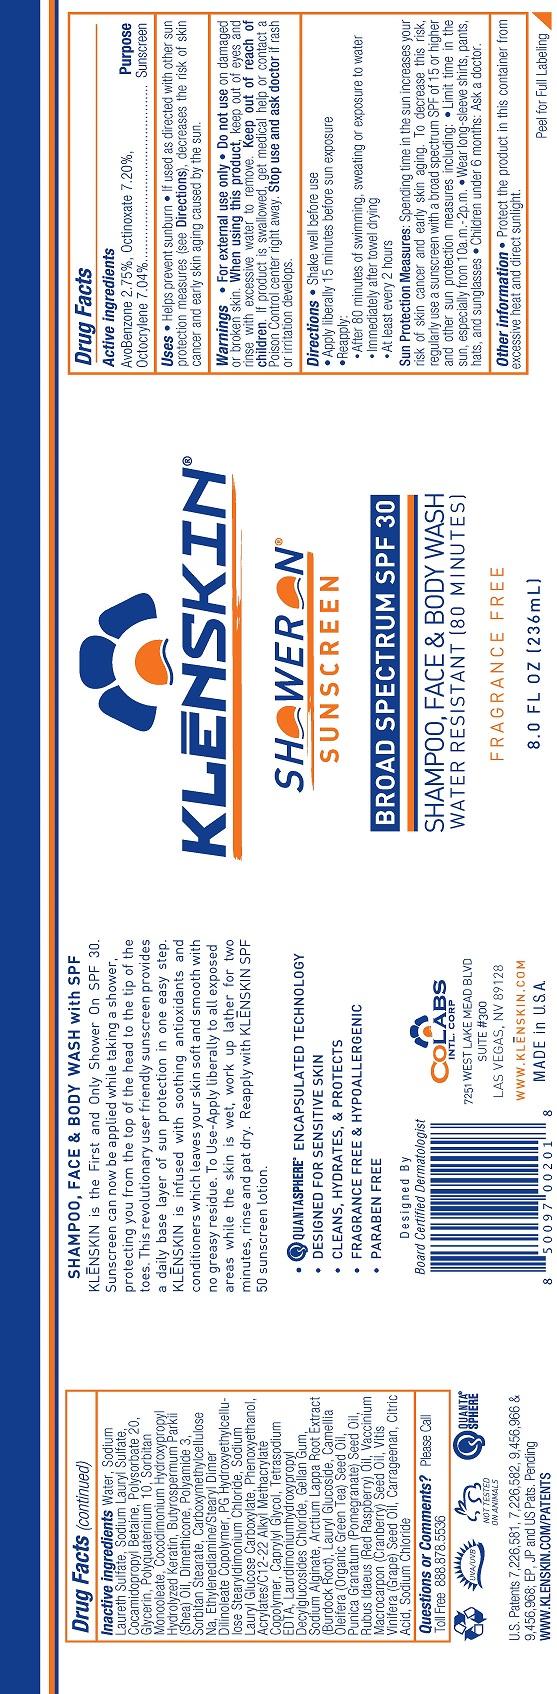 8oz-klenskin_EXP_LBL